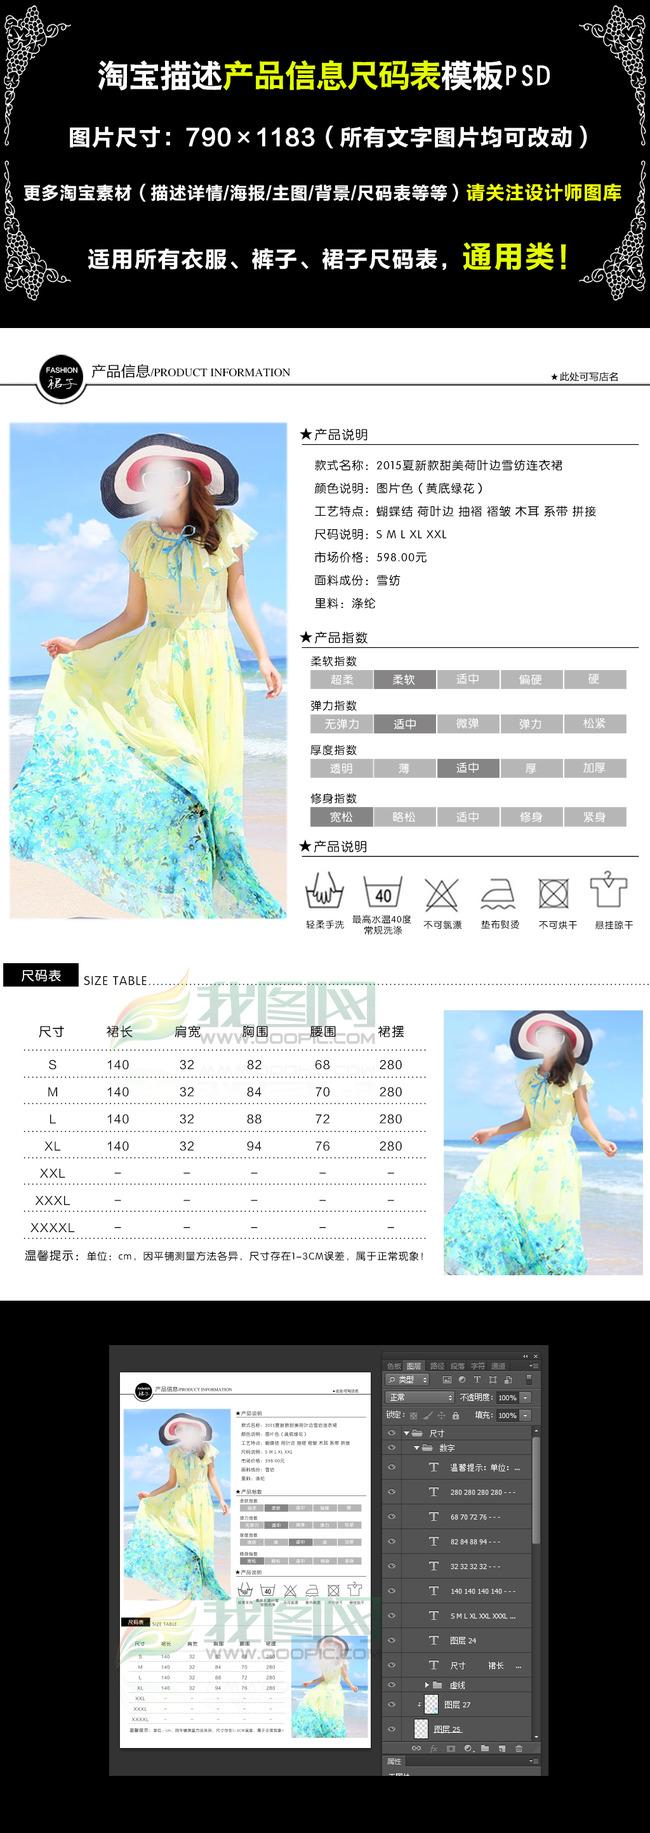 女装服装产品信息尺码表模板下载